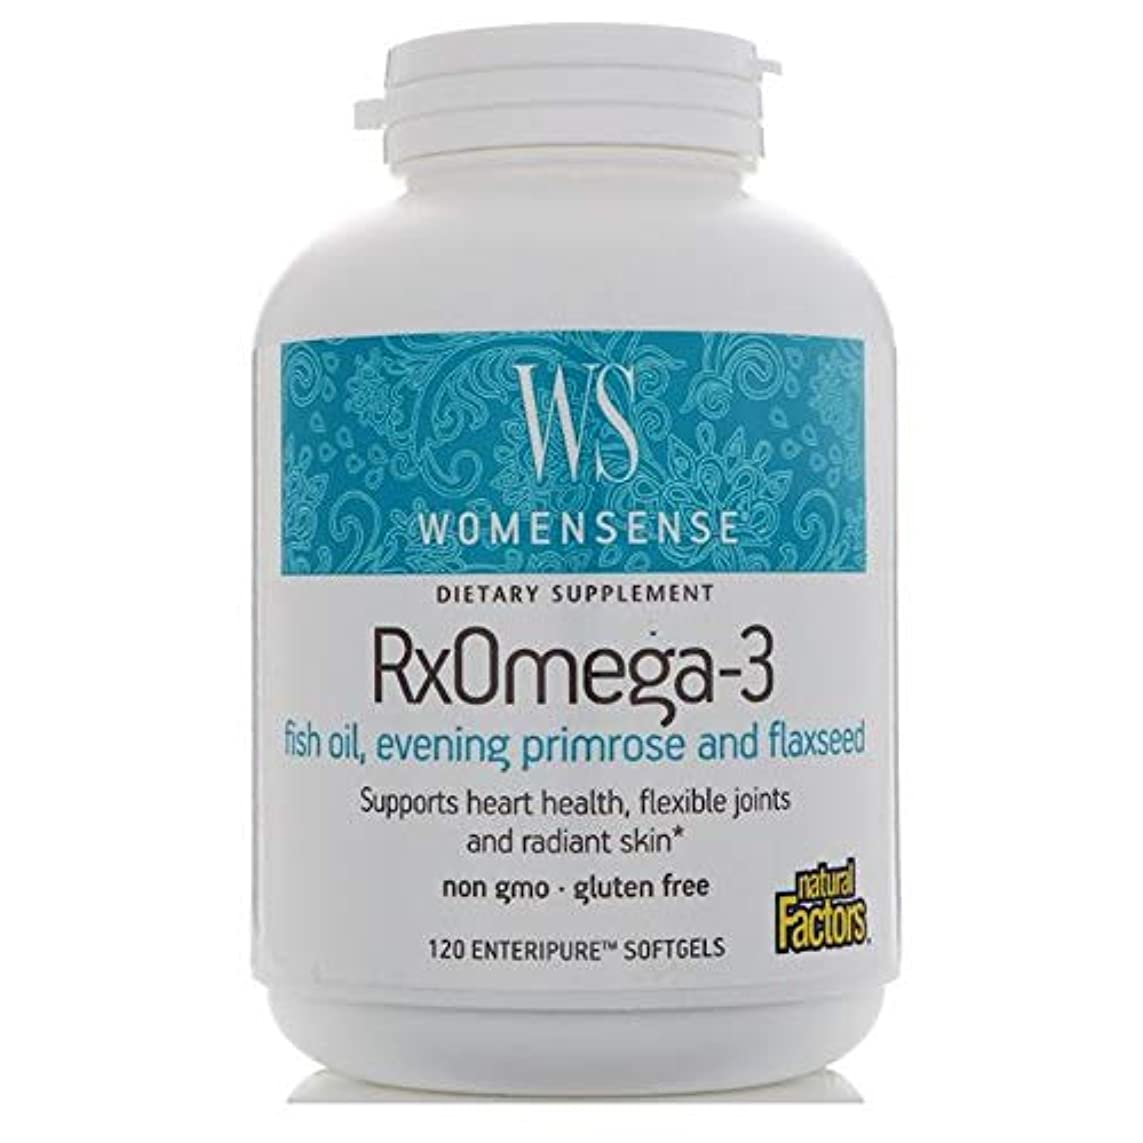 湿気の多い見物人ファセットNatural Factors Women Sense Rx オメガ 3 120 Enteripure ソフトジ ェル 【アメリカ直送】